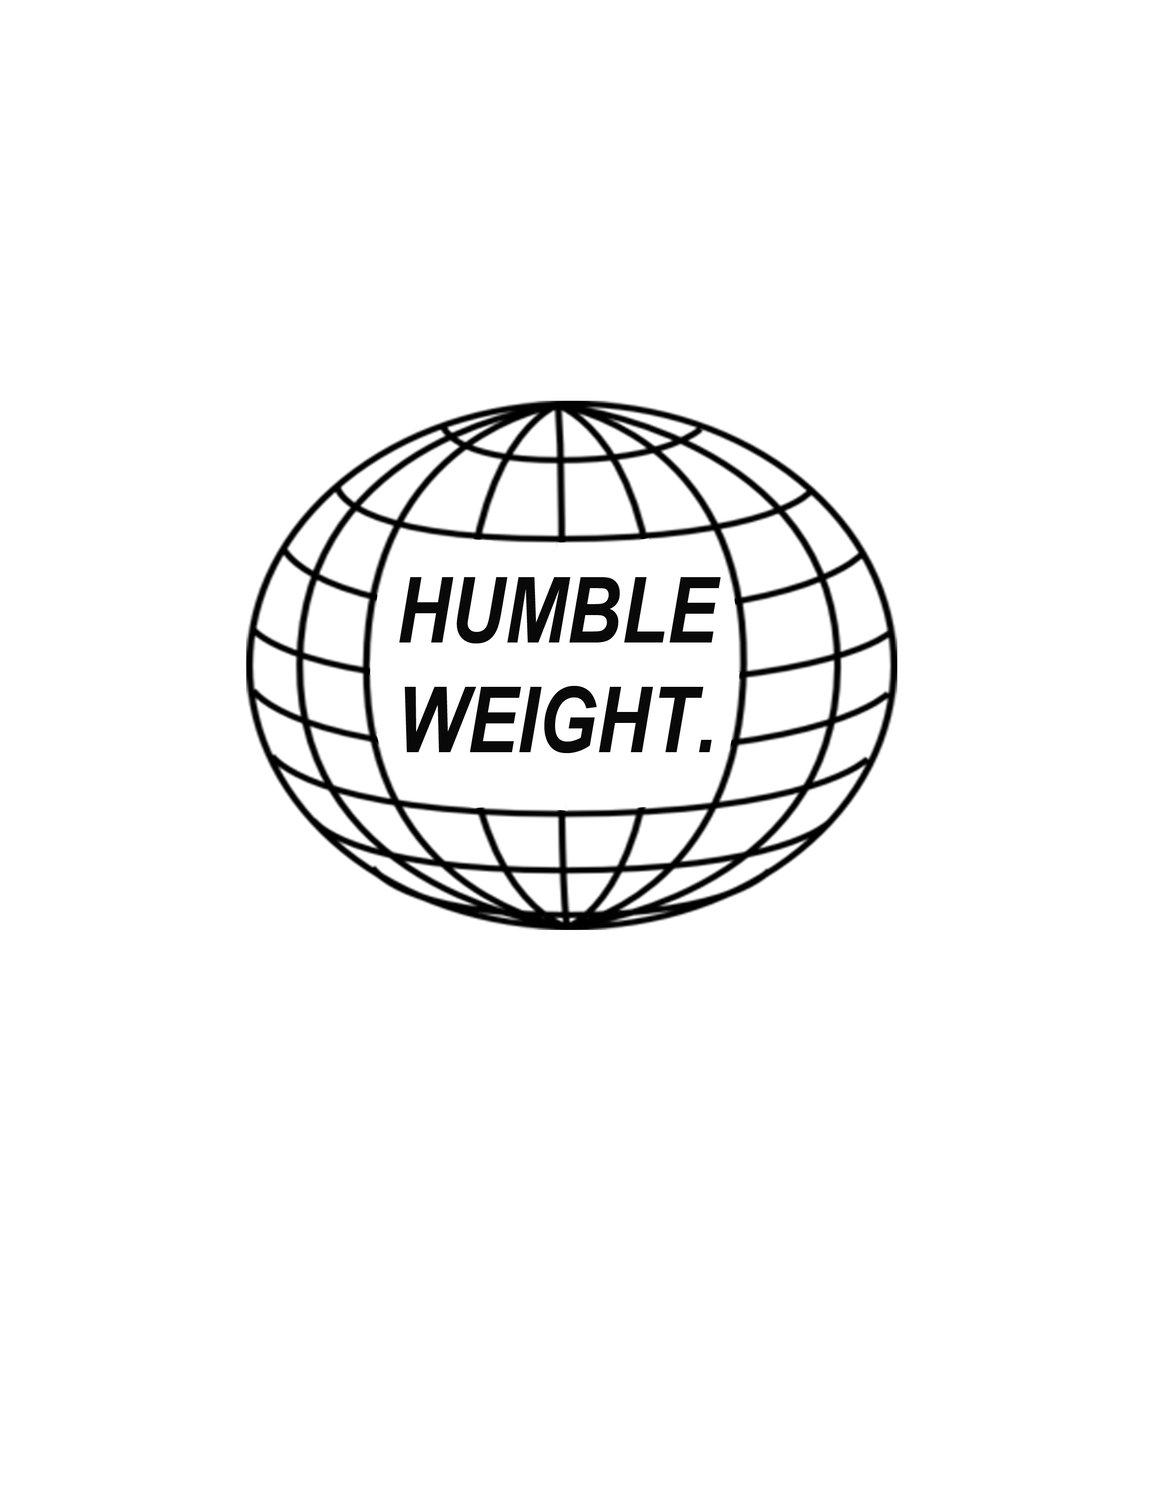 HumbleWeight